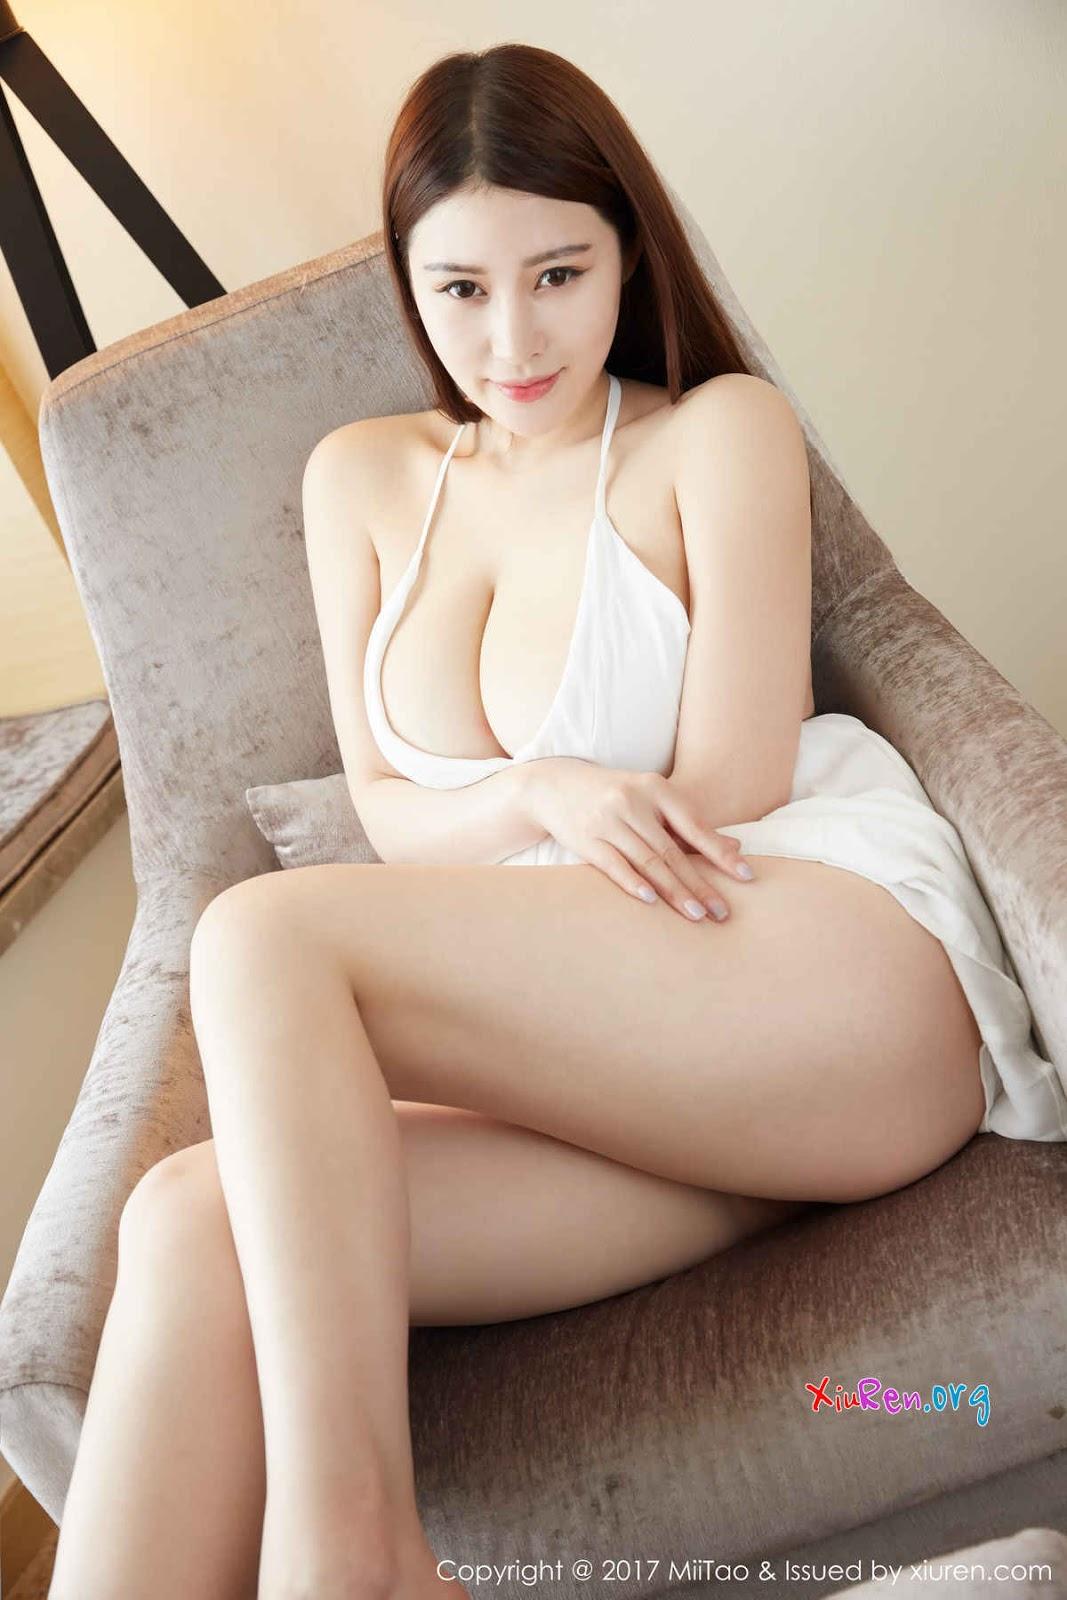 Danica mature erotic